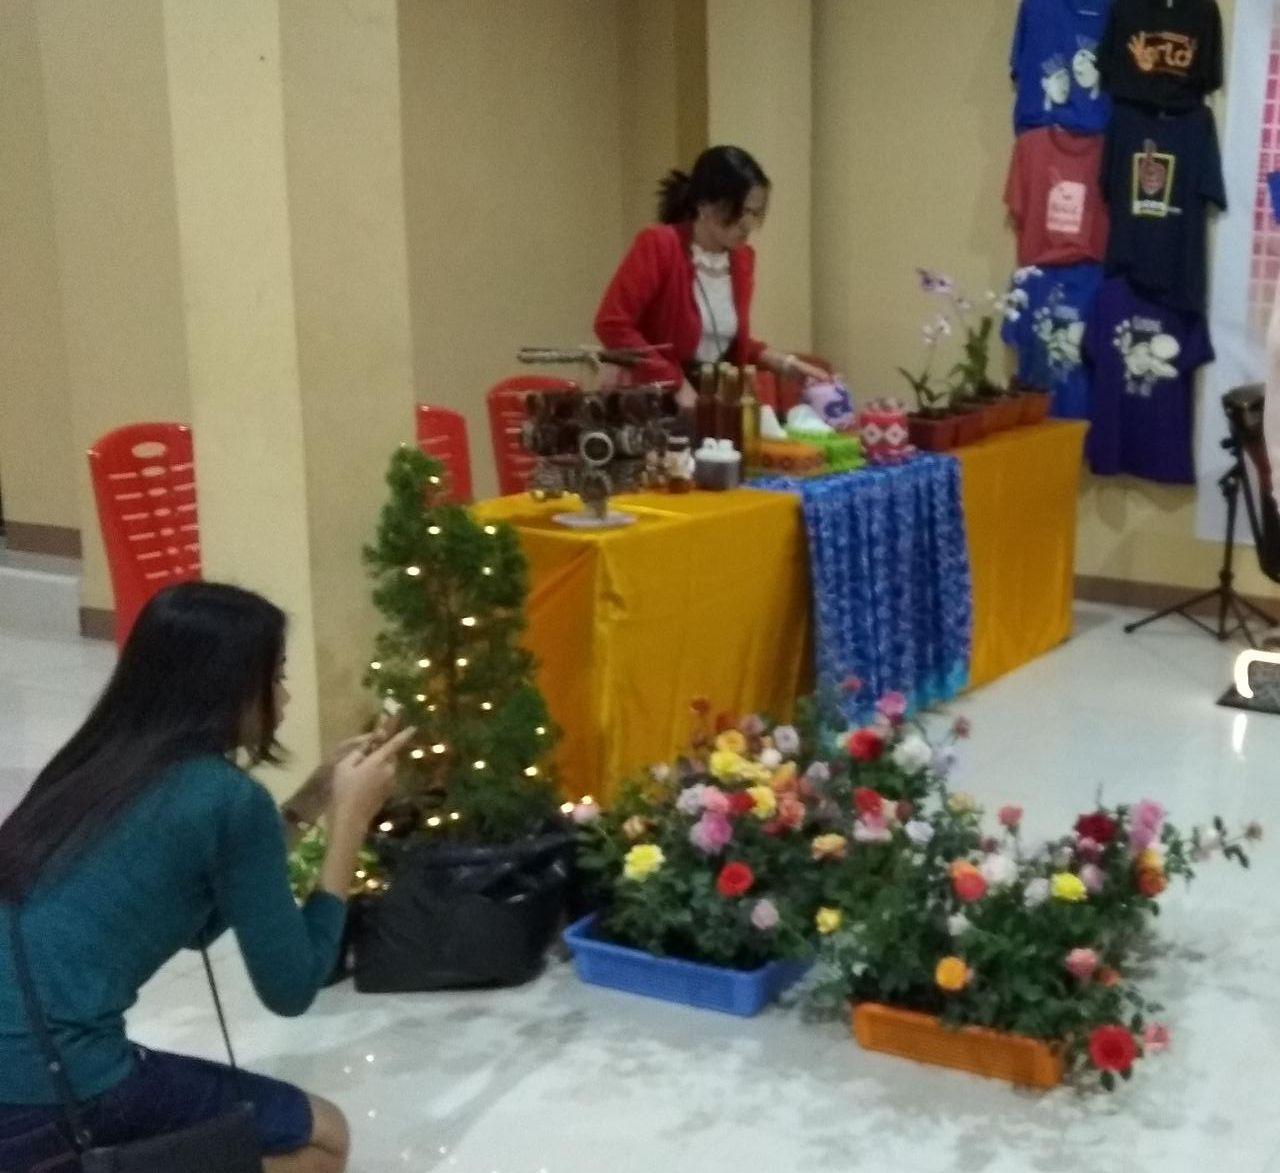 Stand MONGA.ID dan beberapa barang yang dipamerkan dalam pekan Komsos Keuskupan Ketapang 2018. Foto dok : MONGA.ID